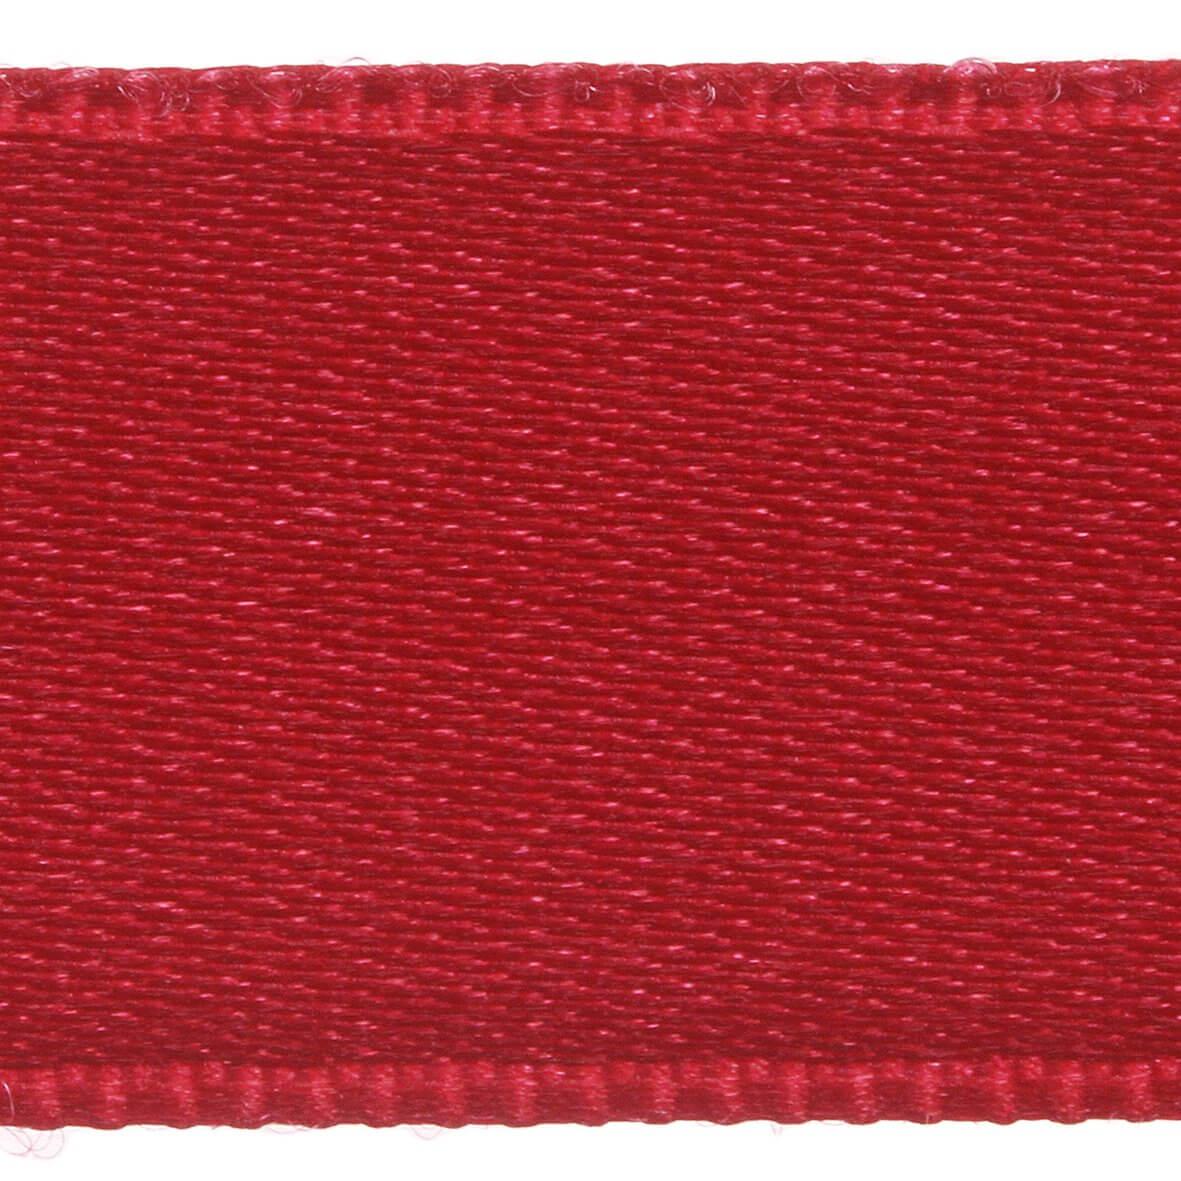 Samba Red Col. 324 - 25mm Satab Ribbon